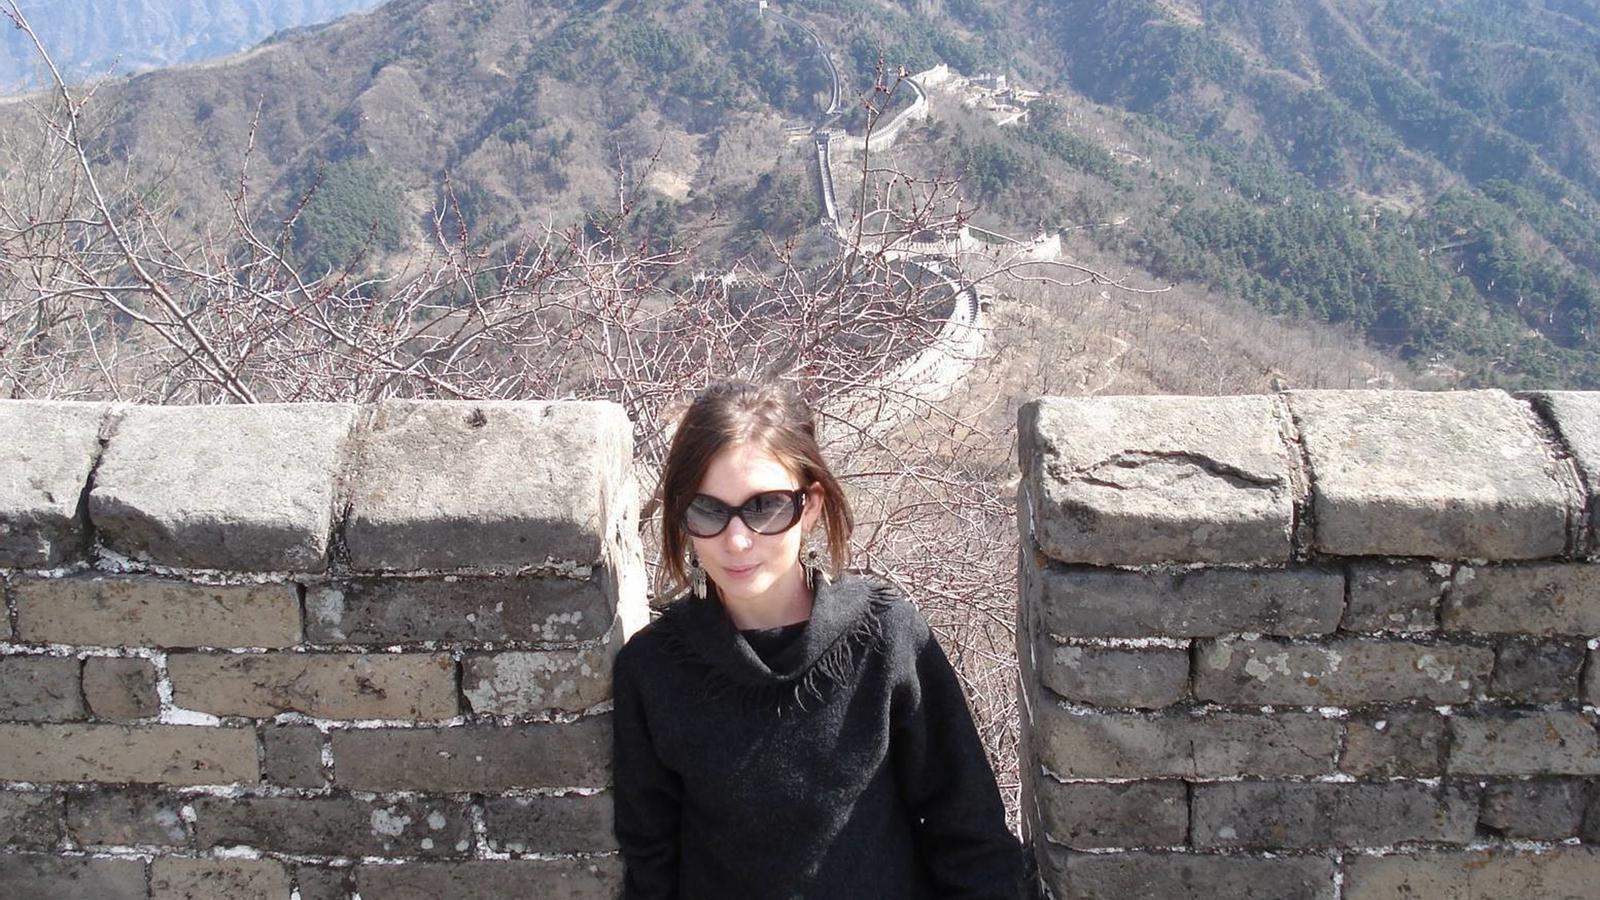 Fotografia sense data de la víctima,  Rebecca Dykes, facilitada als mitjans per la seva família